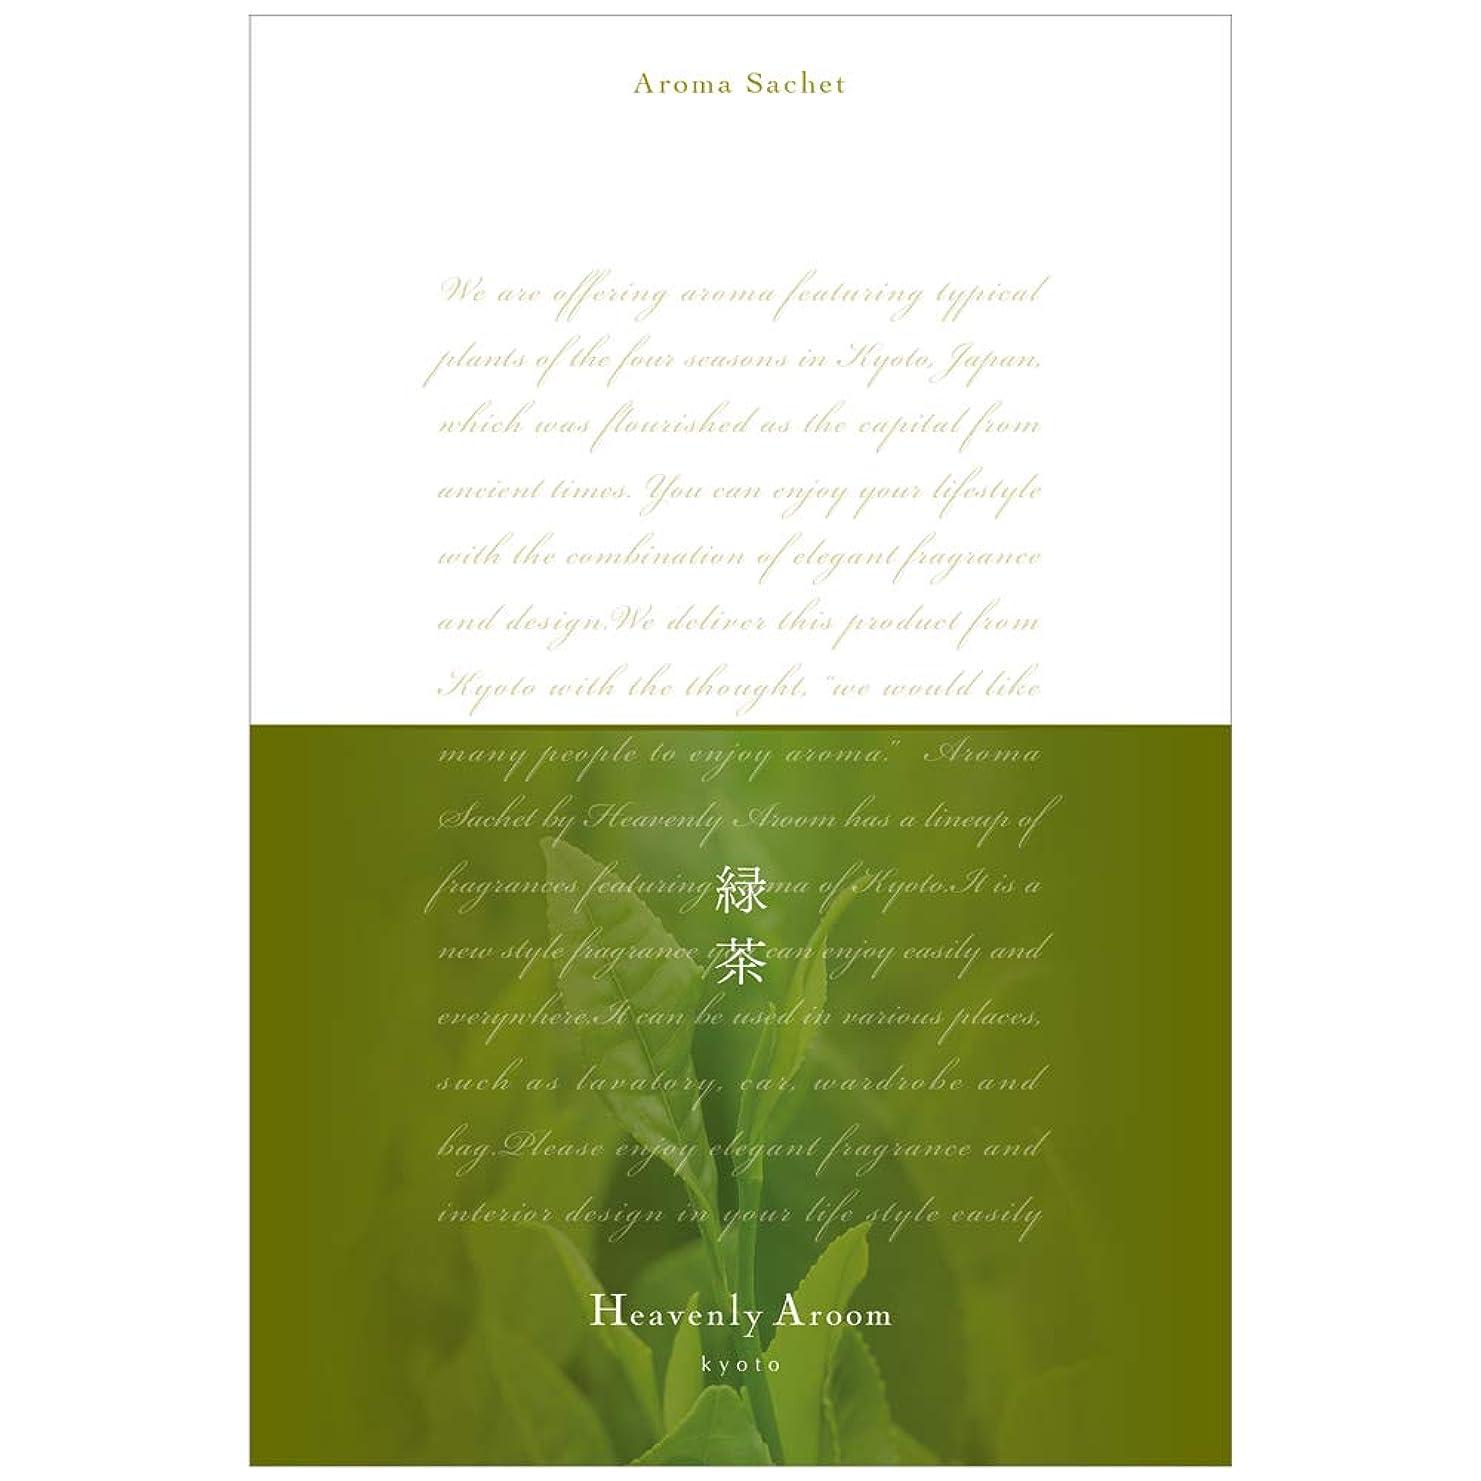 ナイトスポット透けて見える通常Heavenly Aroom アロマサシェL 緑茶